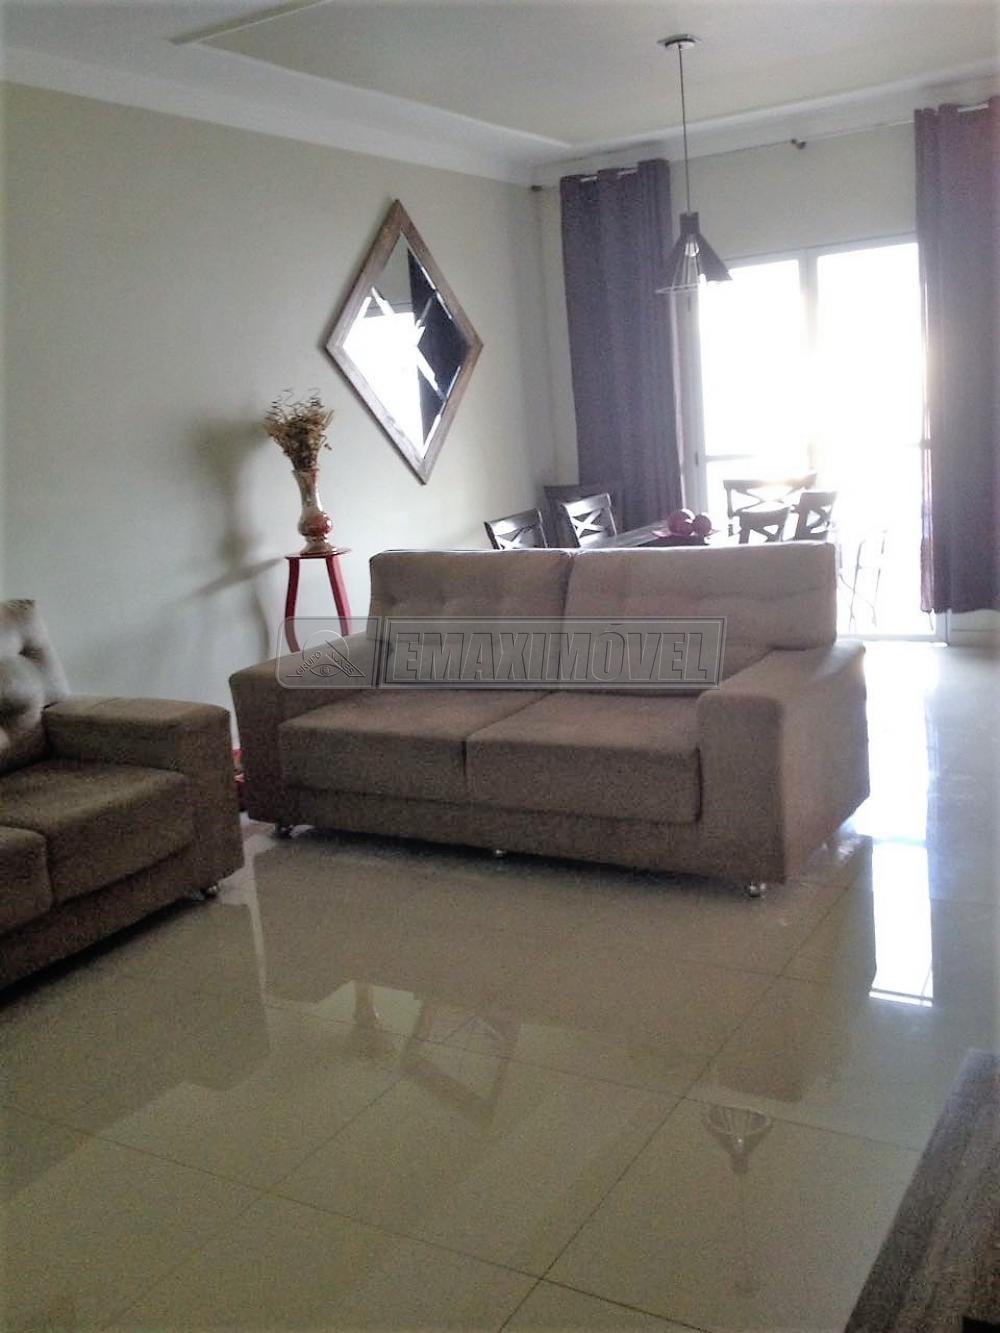 Comprar Casas / em Condomínios em Sorocaba apenas R$ 600.000,00 - Foto 4